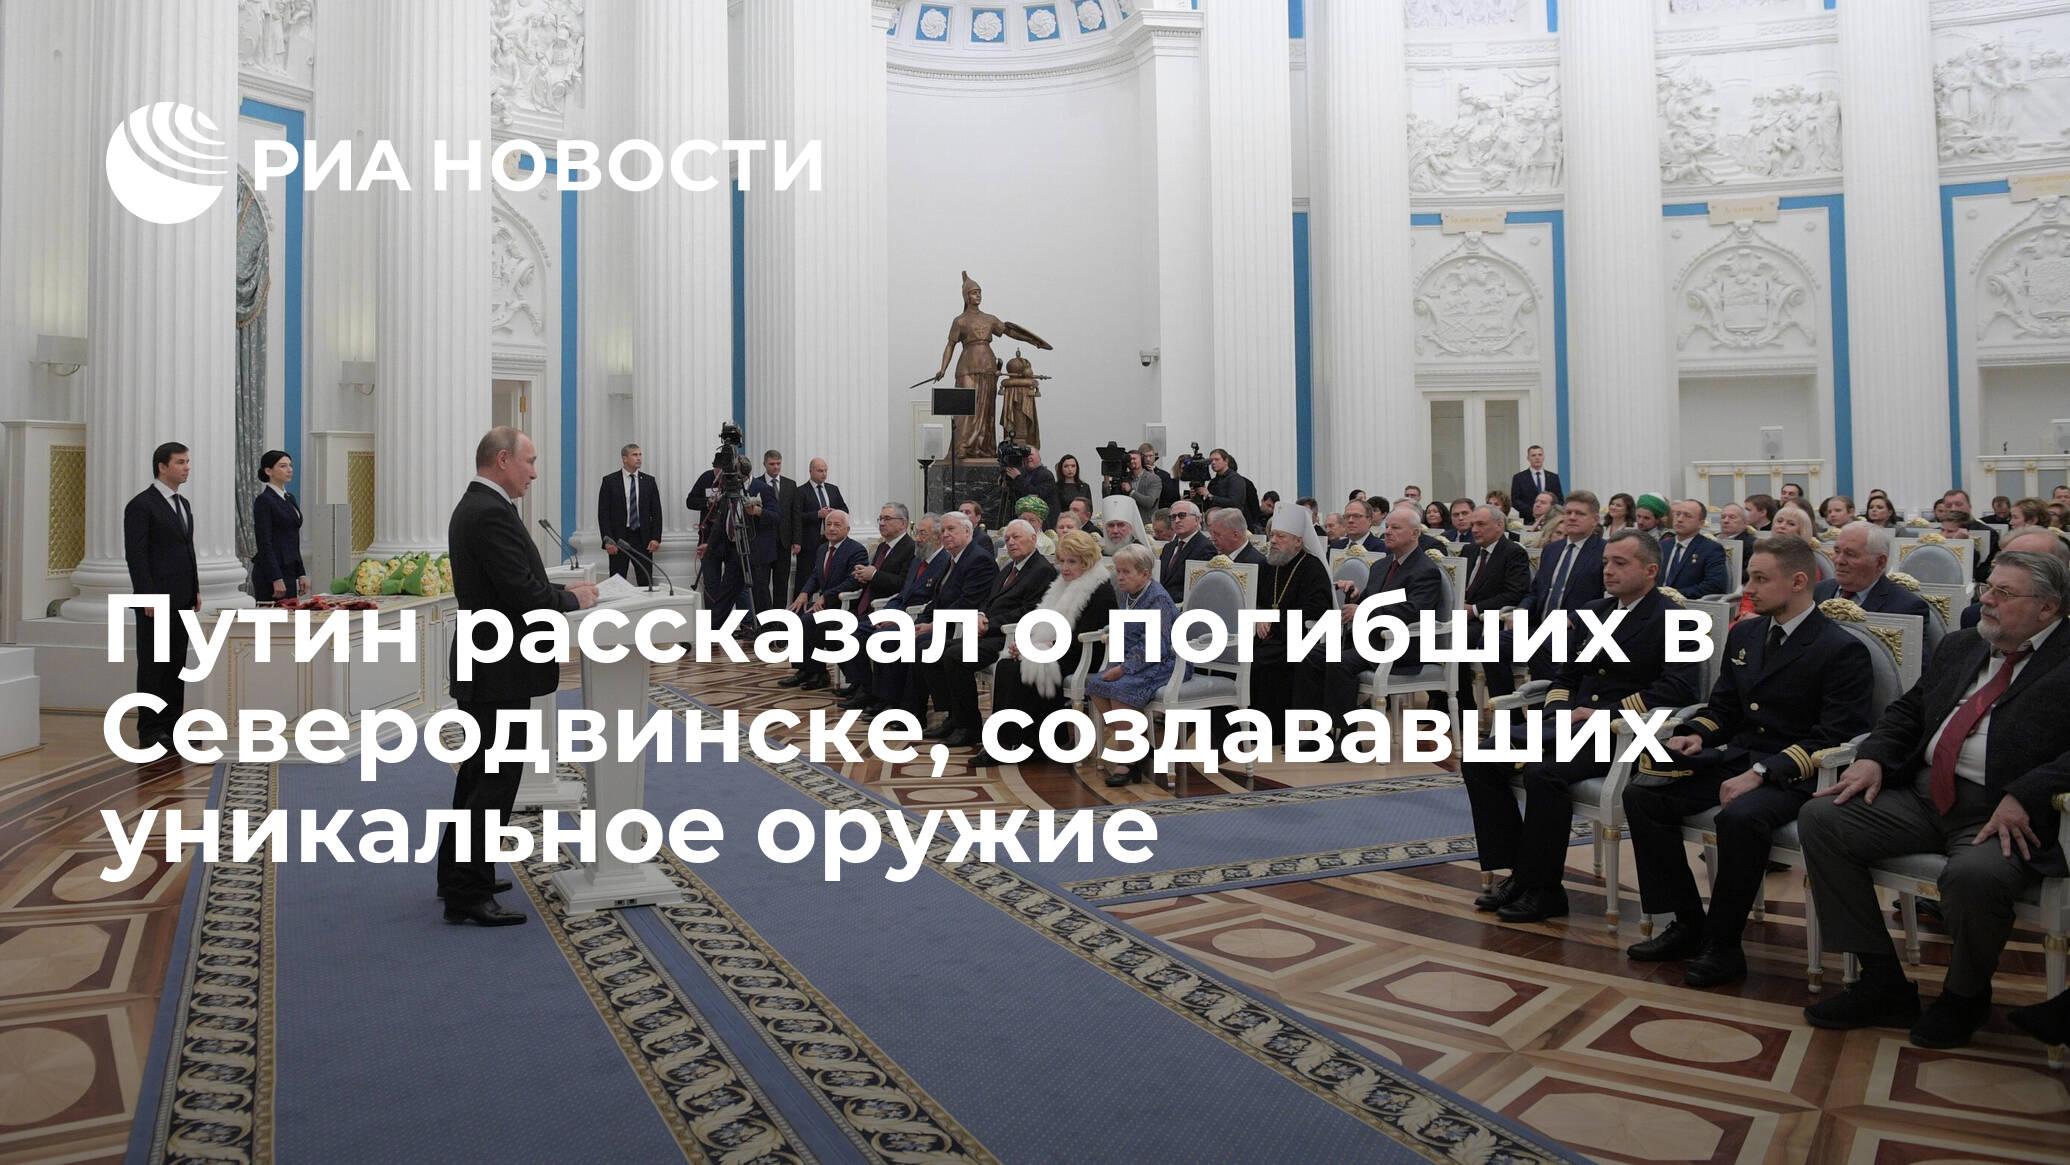 Путин рассказал о погибших в Северодвинске, создававших уникальное оружие